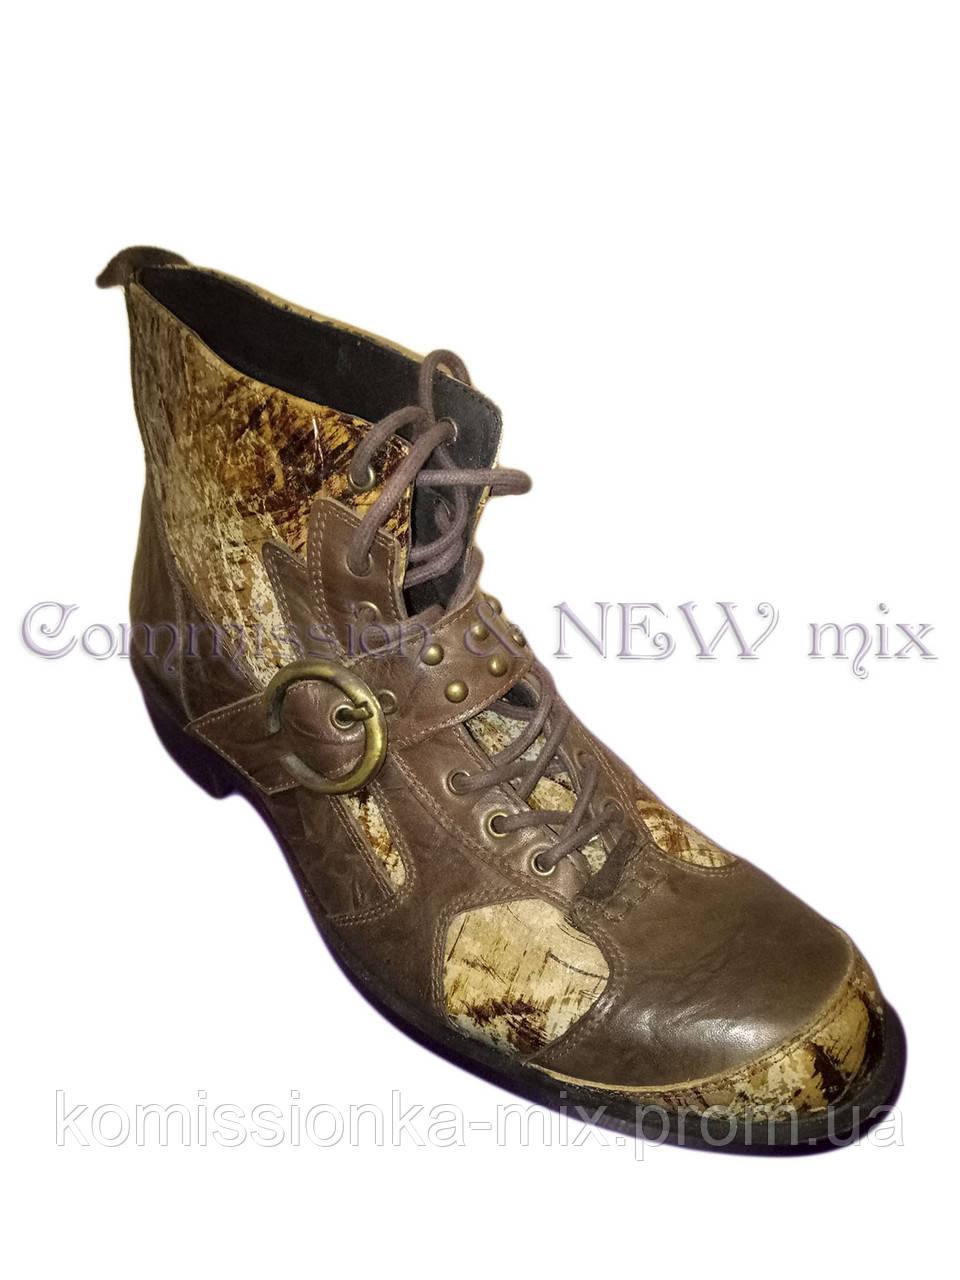 Стильные мужские ботинки ETOR новые